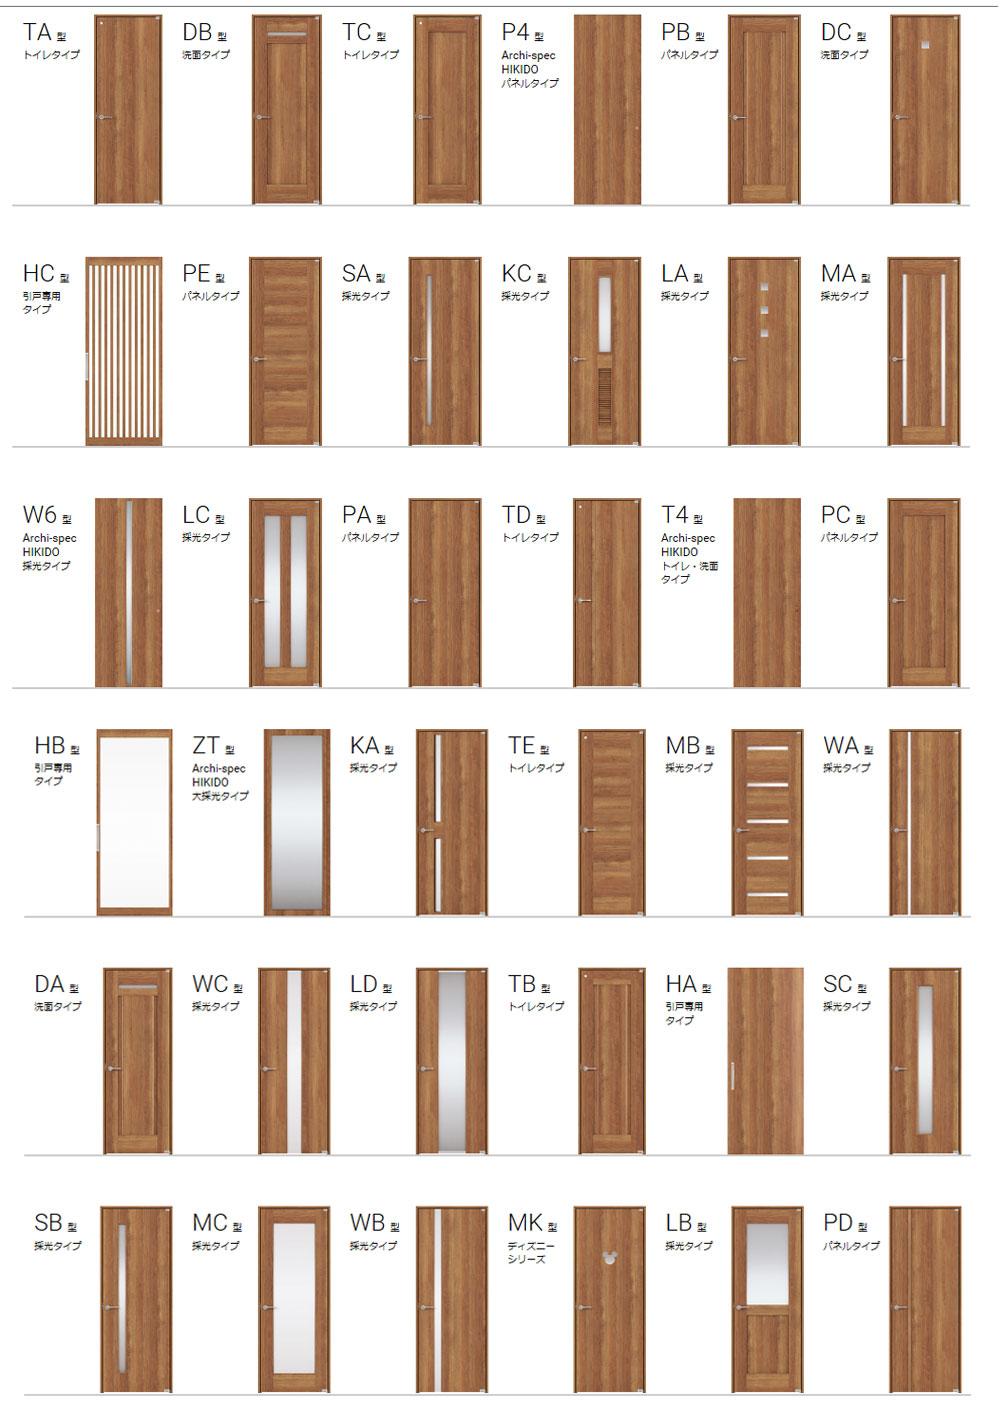 パナソニック ベリティス ドアのデザイン一覧